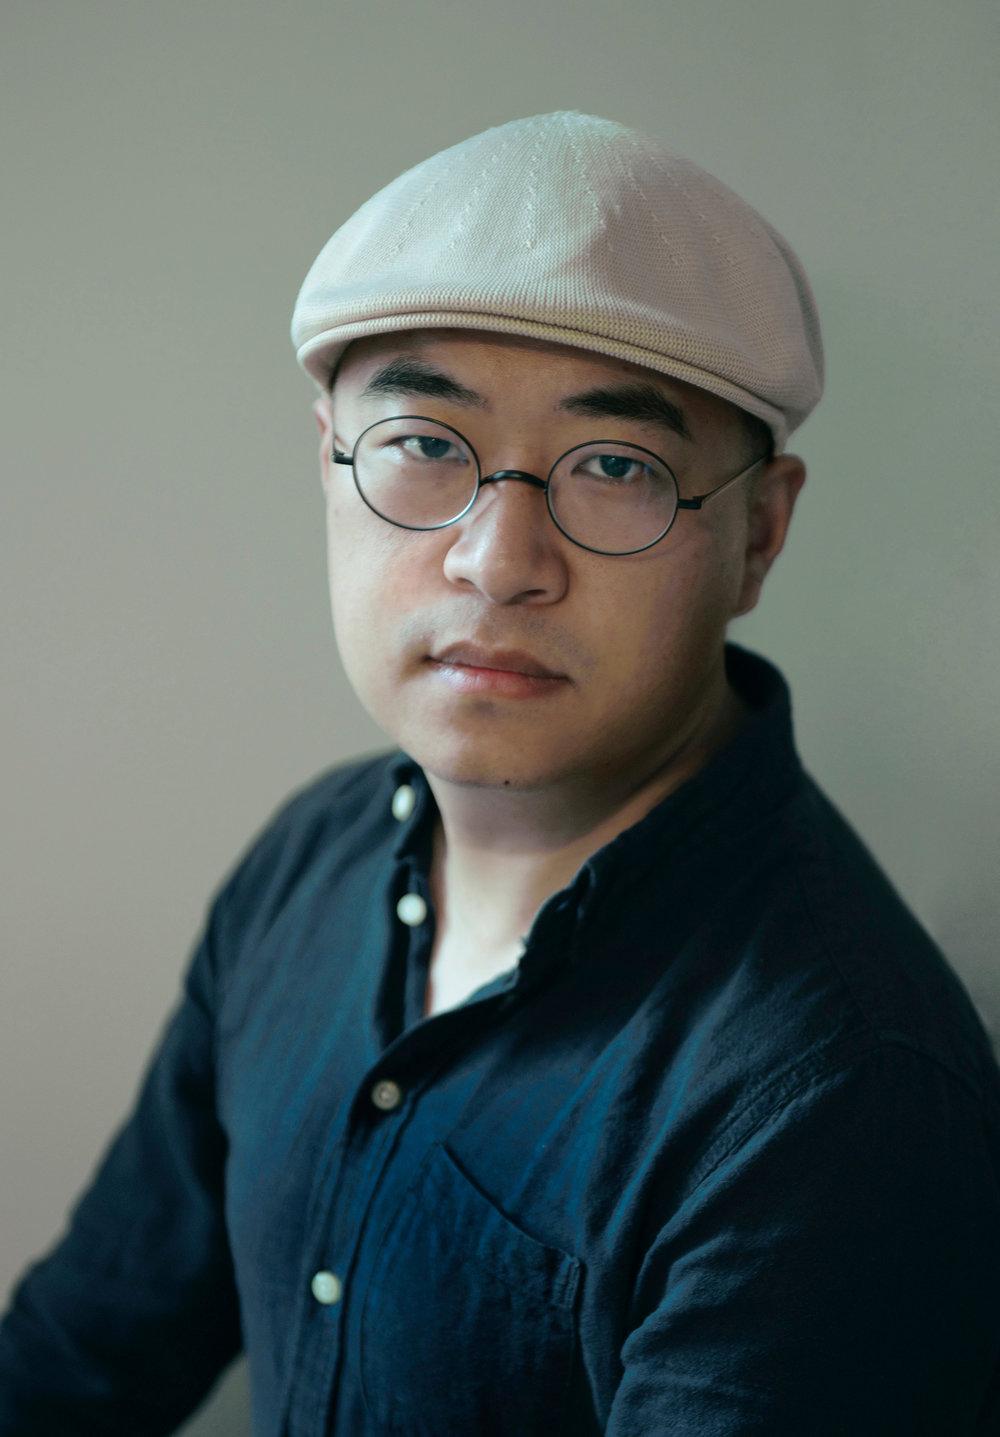 ©Yang Yongliang